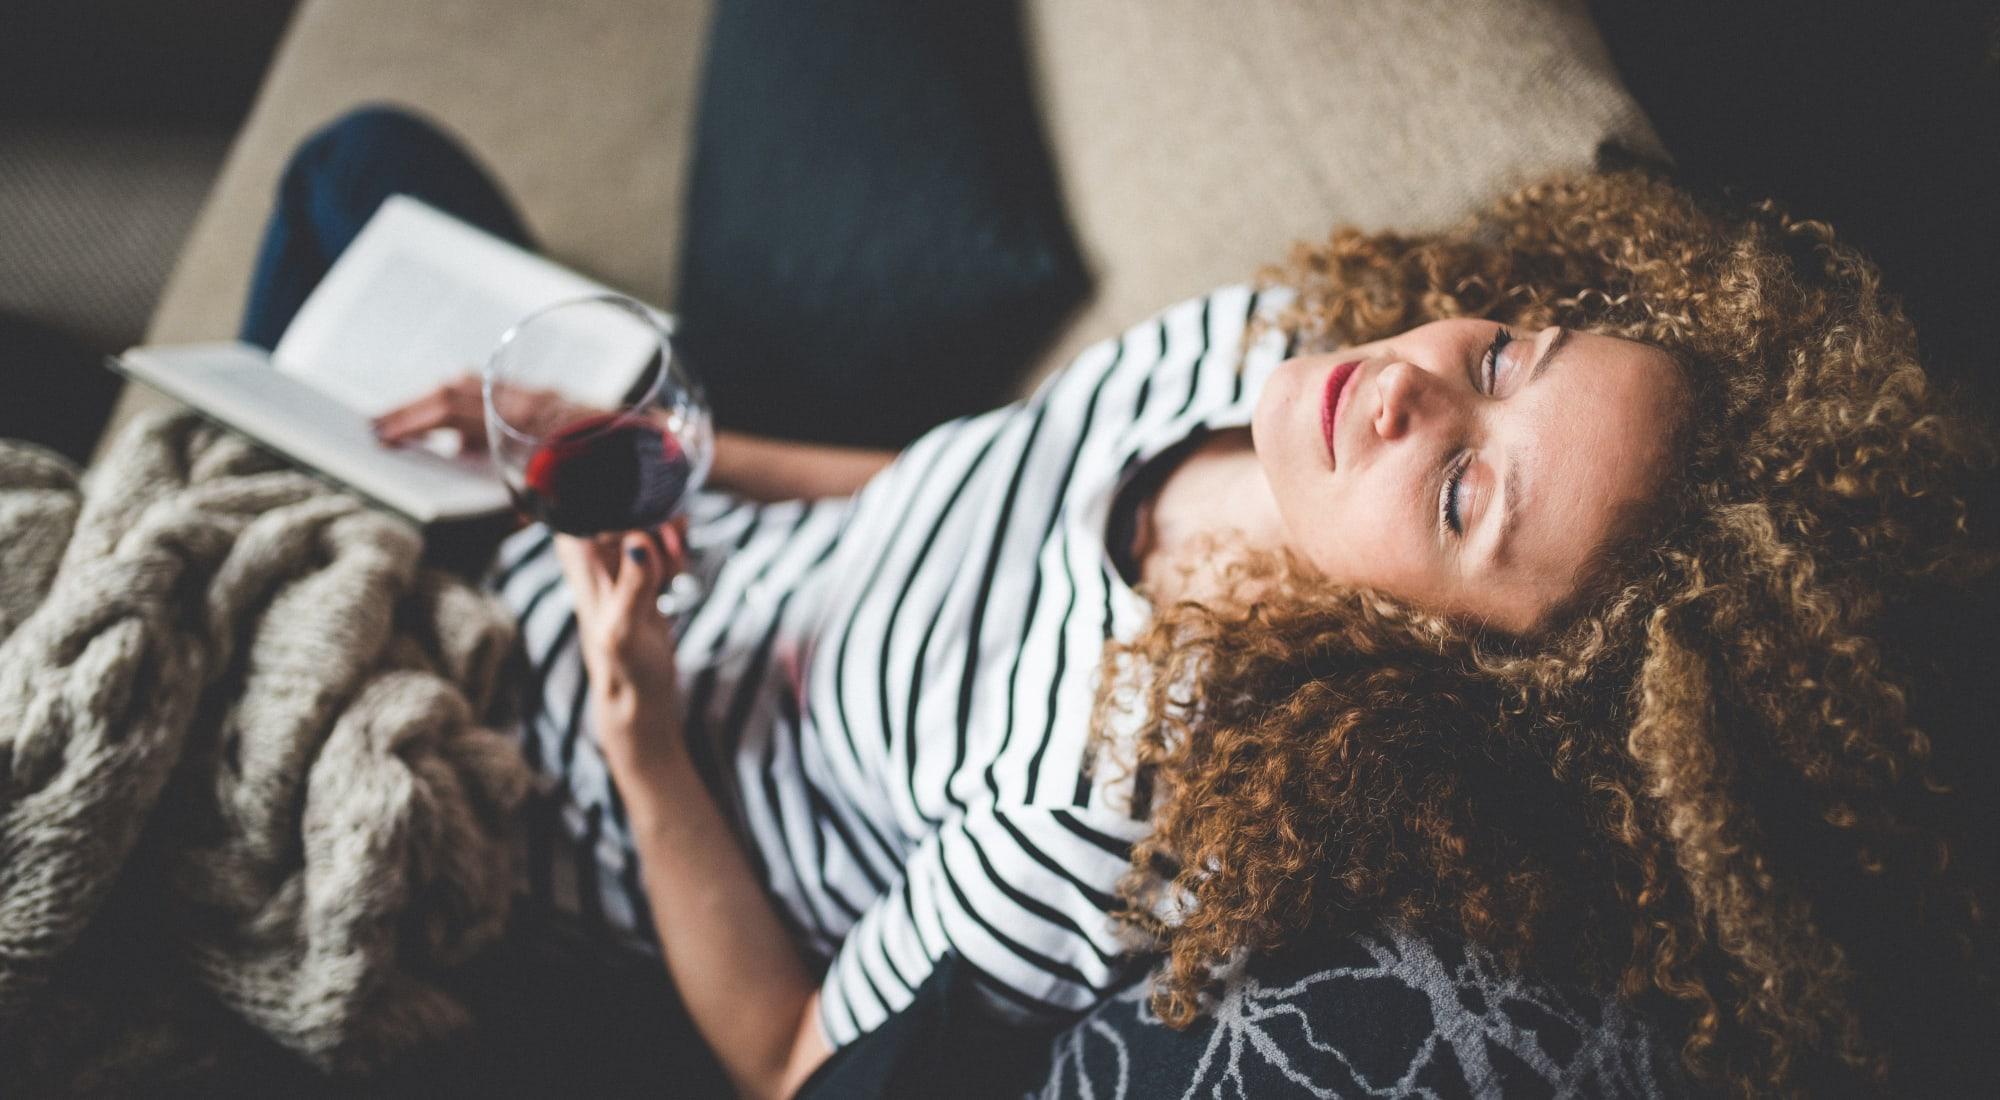 """Mặc kệ ai chê, phụ nữ càng sở hữu những điểm """"xấu"""" này lại càng cho thấy cơ thể khỏe mạnh và nhiều sức sống hơn hẳn người khác - Ảnh 3."""